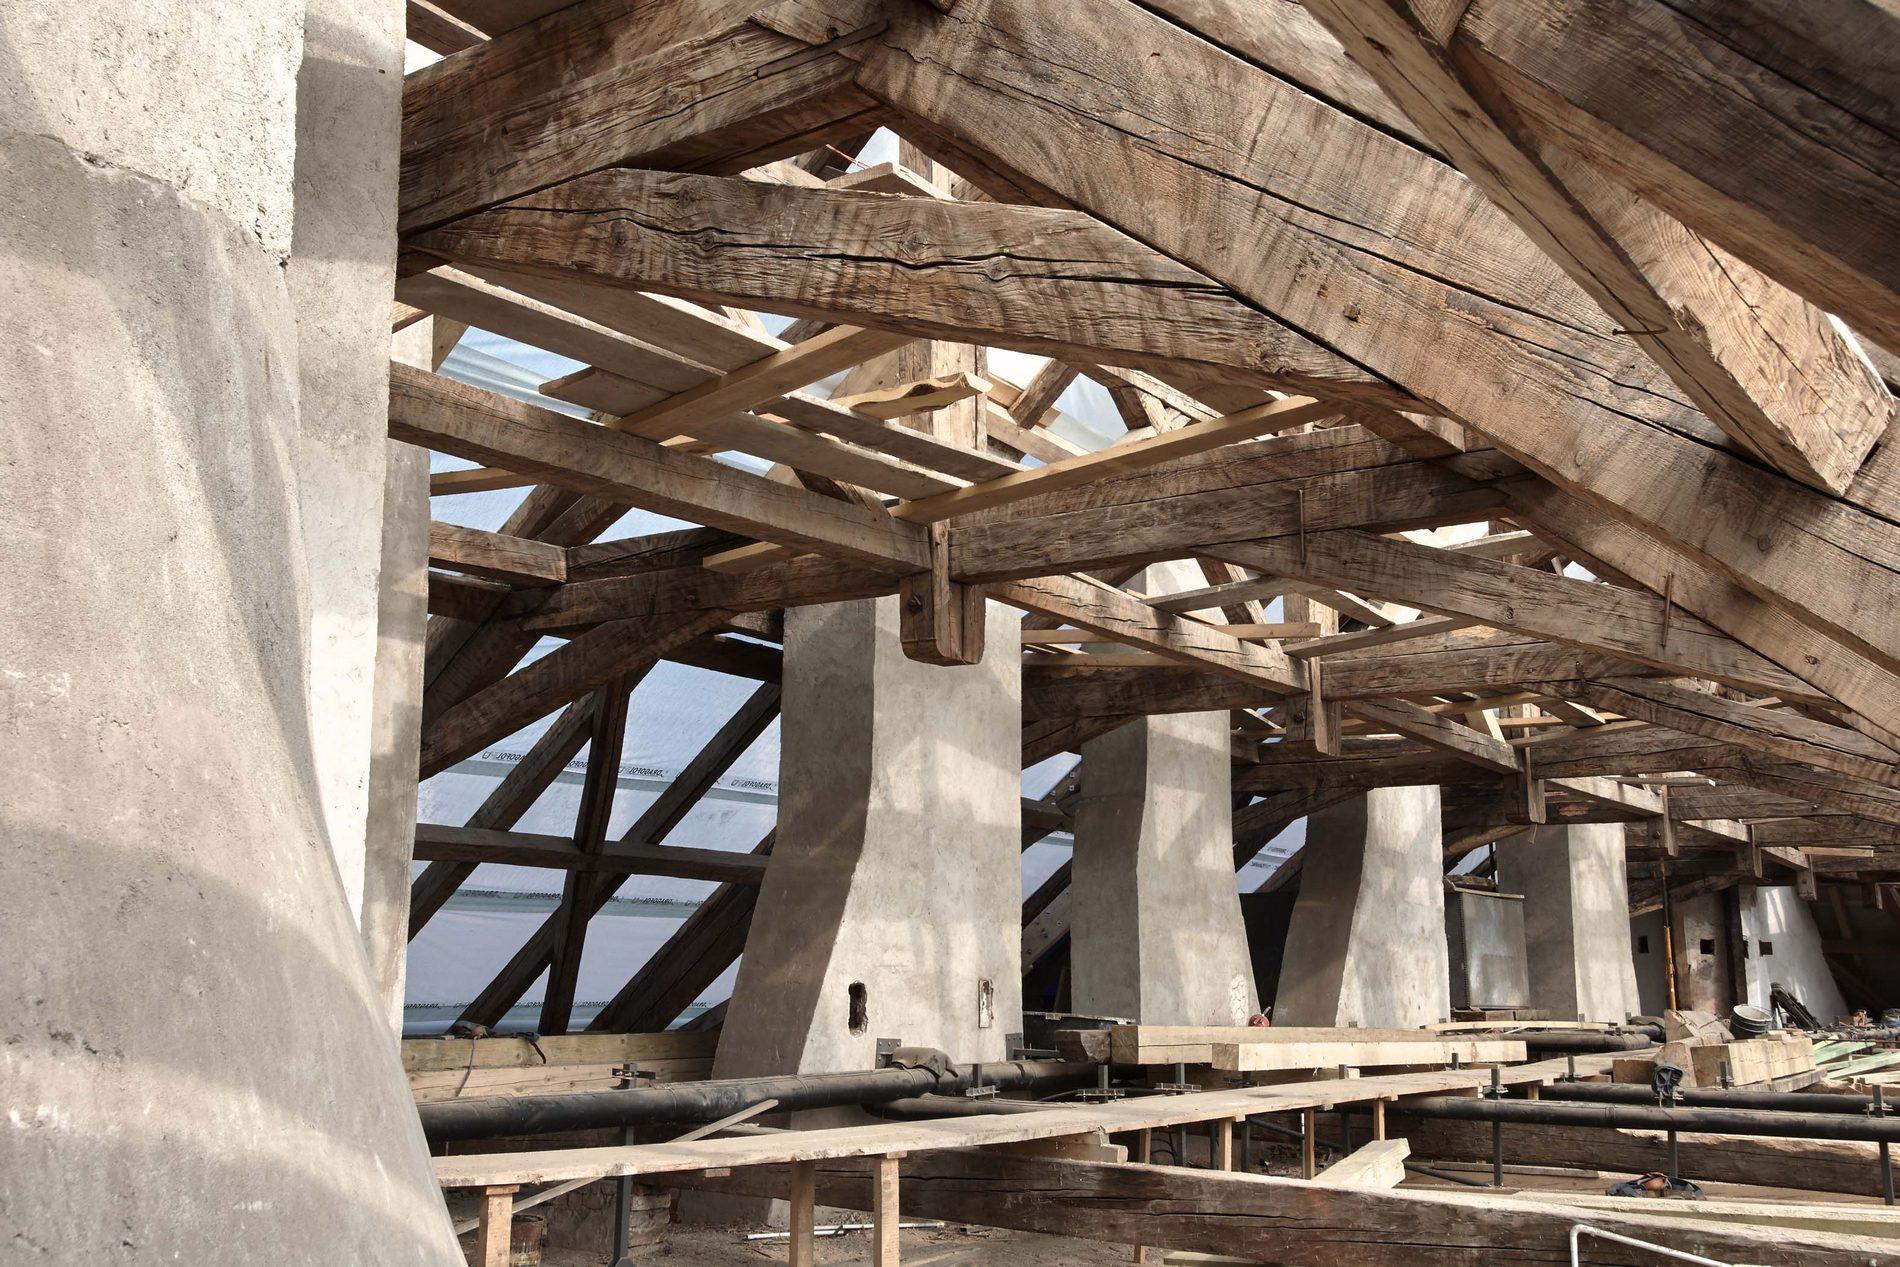 Prace remontowe (źródło: materiały prasowe organizatora)